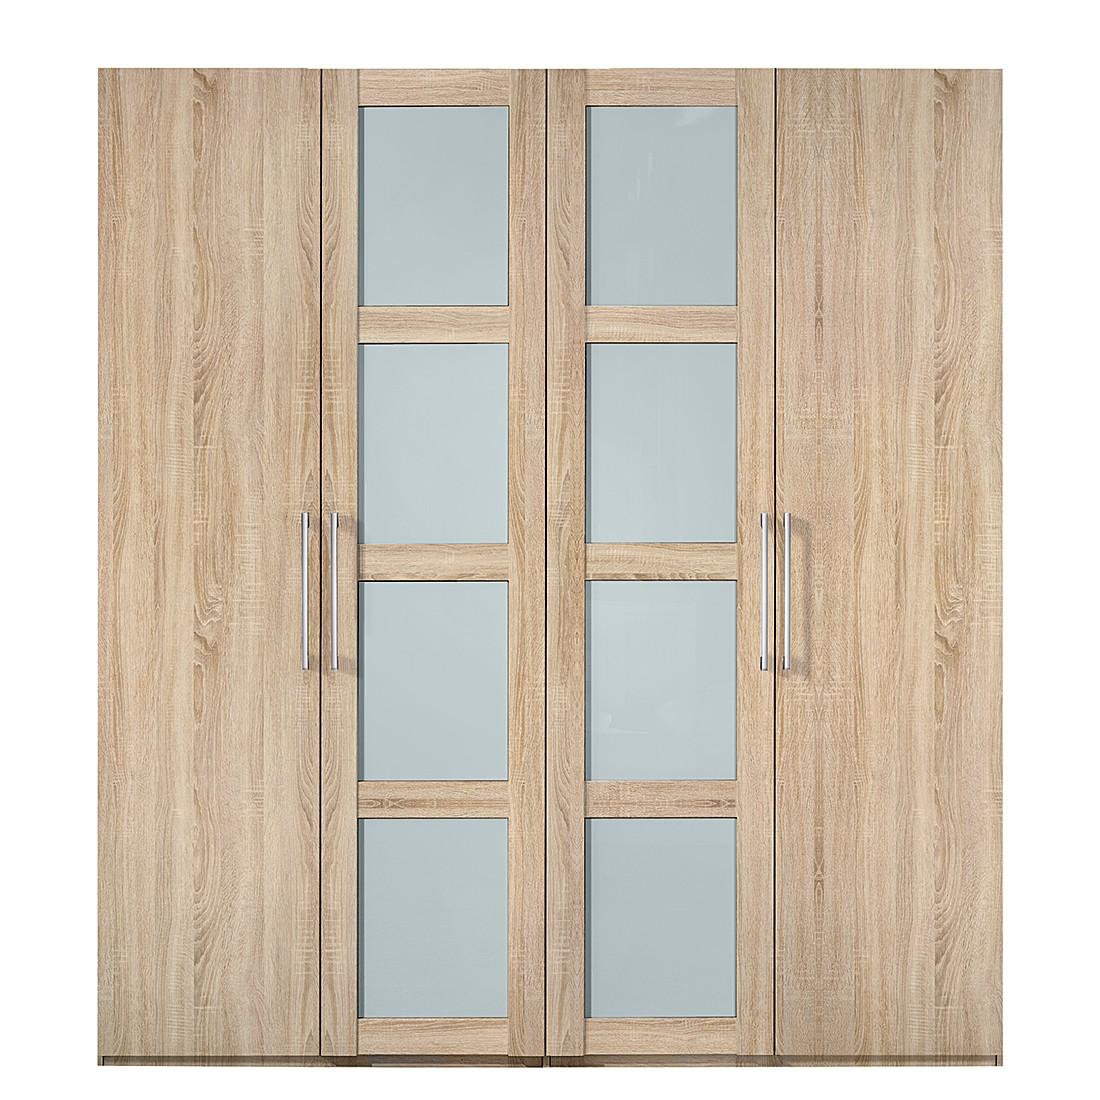 Drehtürenschrank Multimatch – Eiche Dekor/Glas – Höhe 213 cm, Breite: 302 cm – 6-türig, Arte M online bestellen